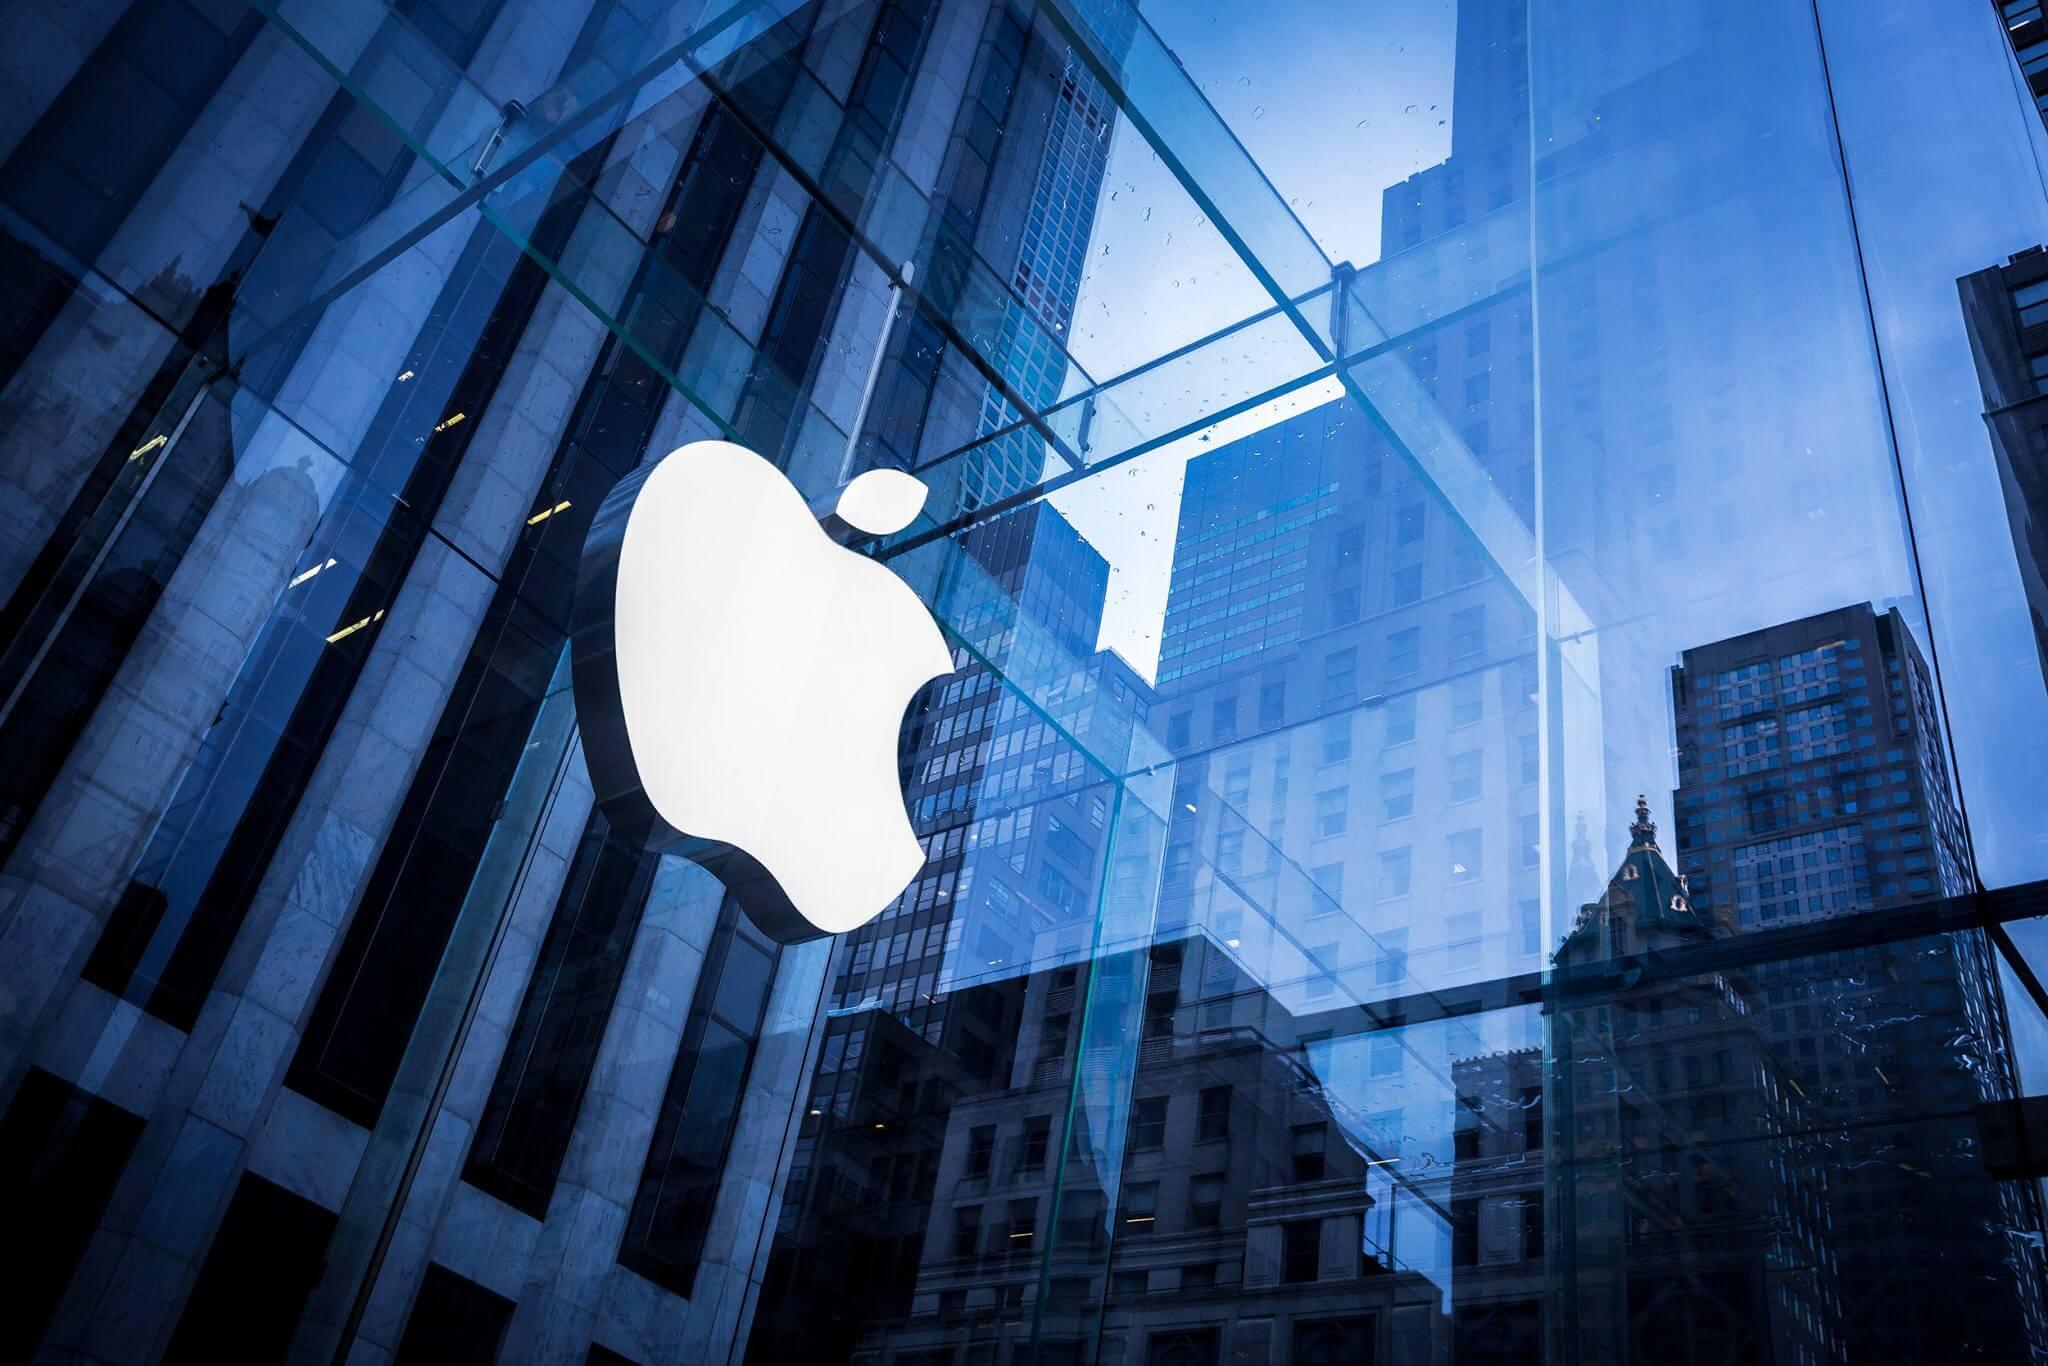 The Future Of Apple - Apple avisa que está de olho no vazamento de informações